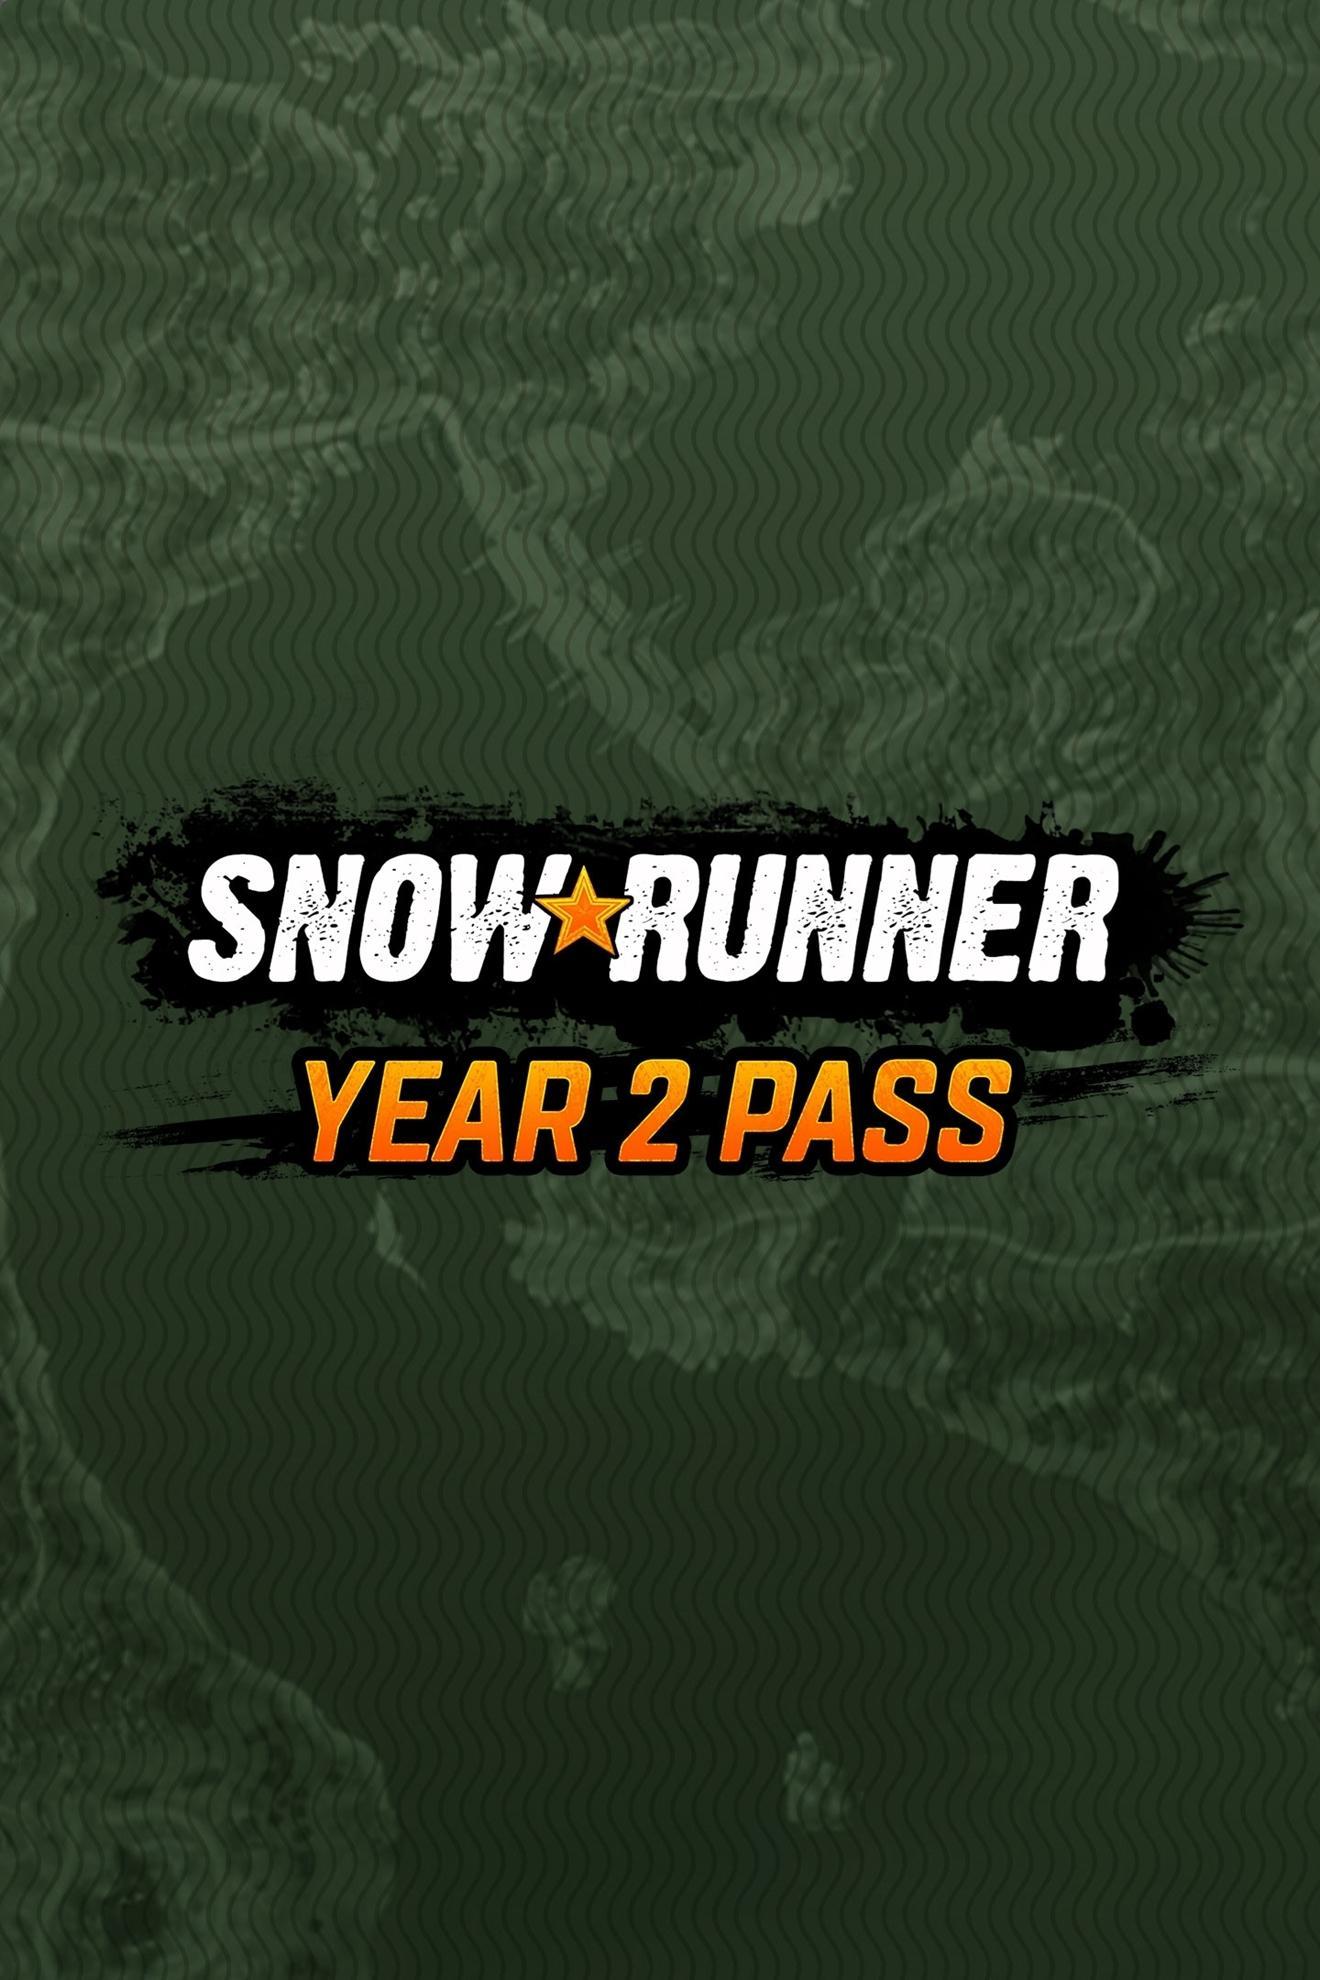 SnowRunner - Year 2 Pass | WW (8cb1e592-d774-4707-aaa3-72cd539073b0)